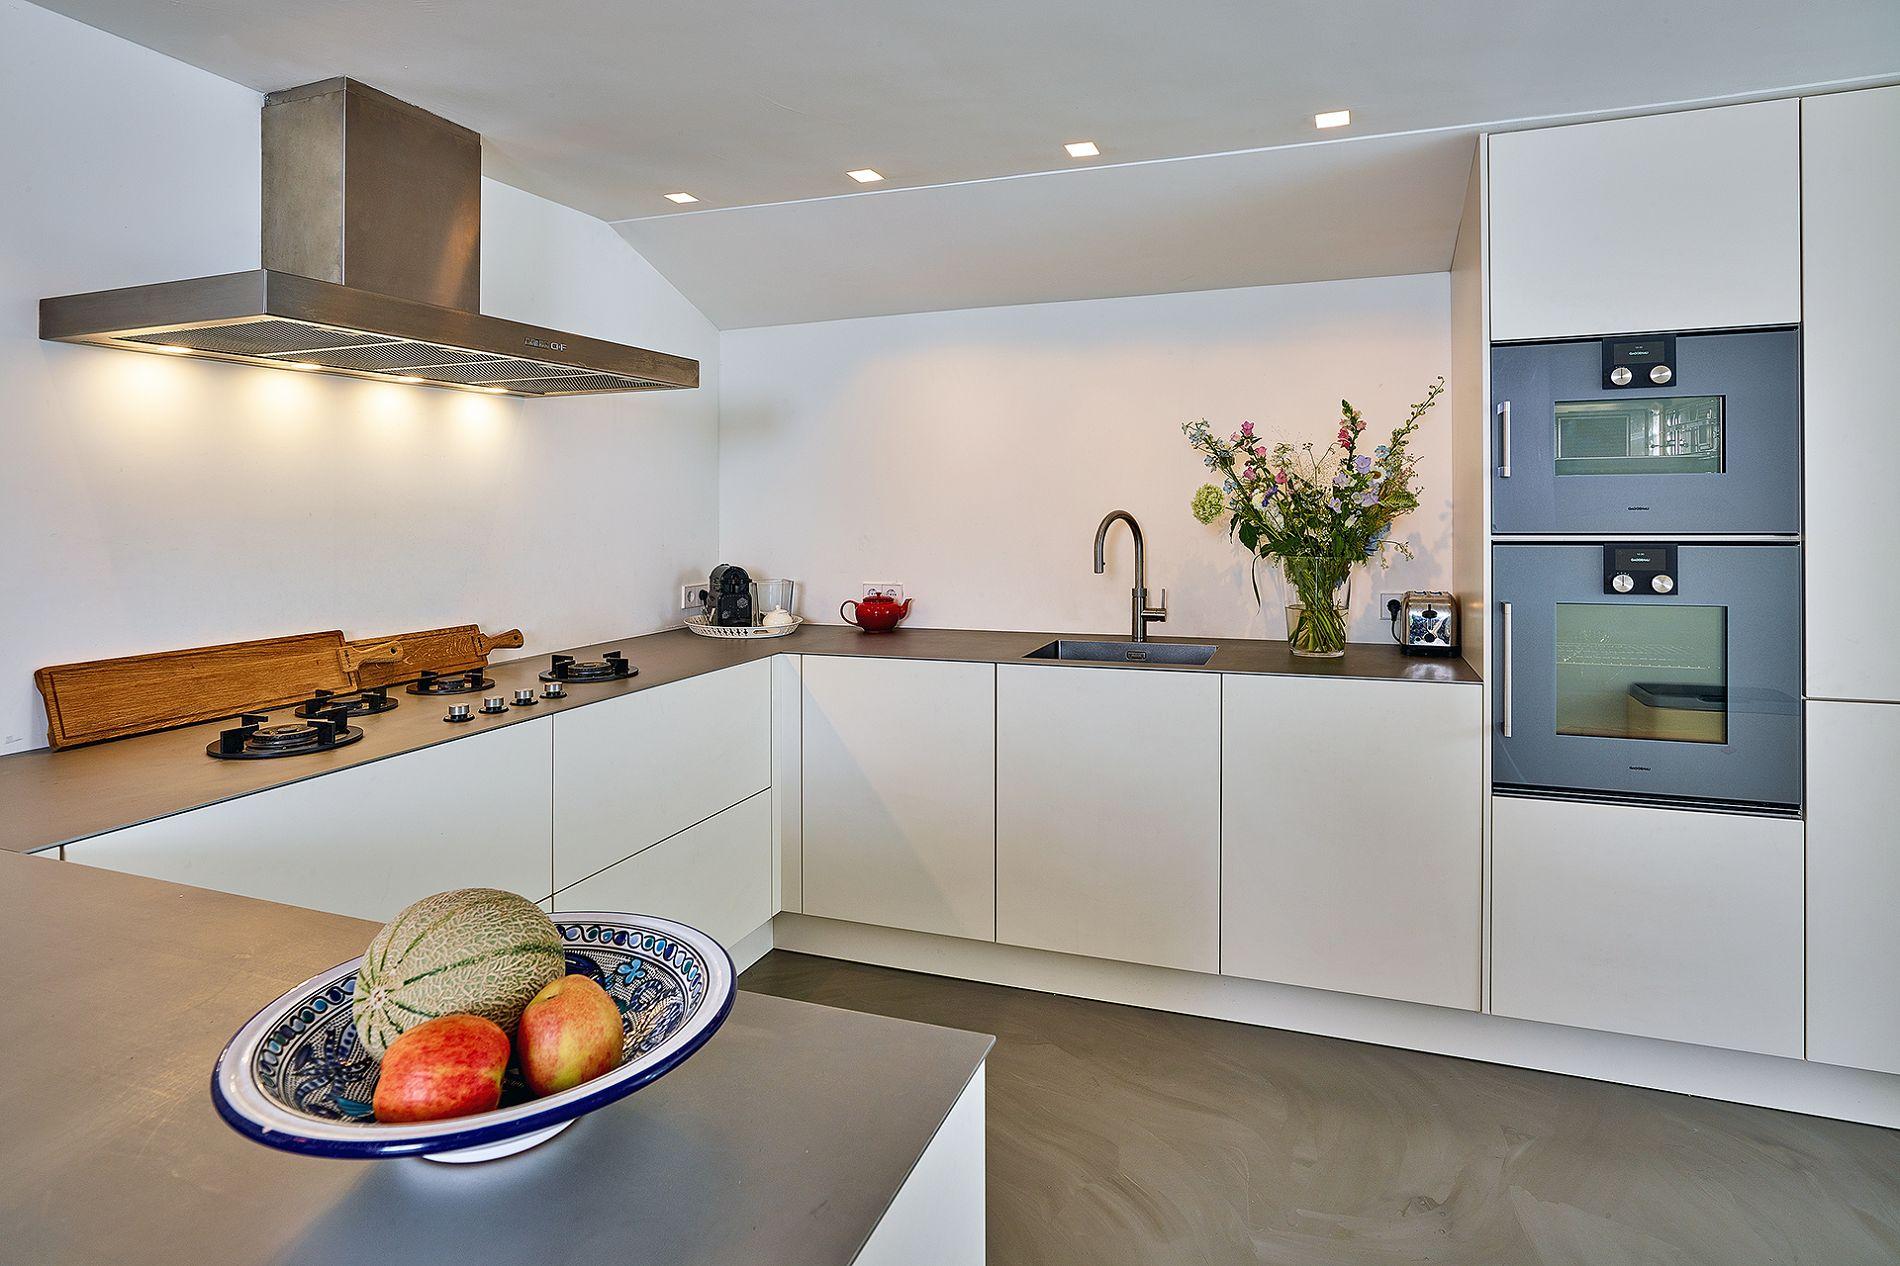 Full Size of Outdoor Küche Edelstahl Edelstahlküche Gebraucht Garten Küchen Regal Wohnzimmer Edelstahl Küchen